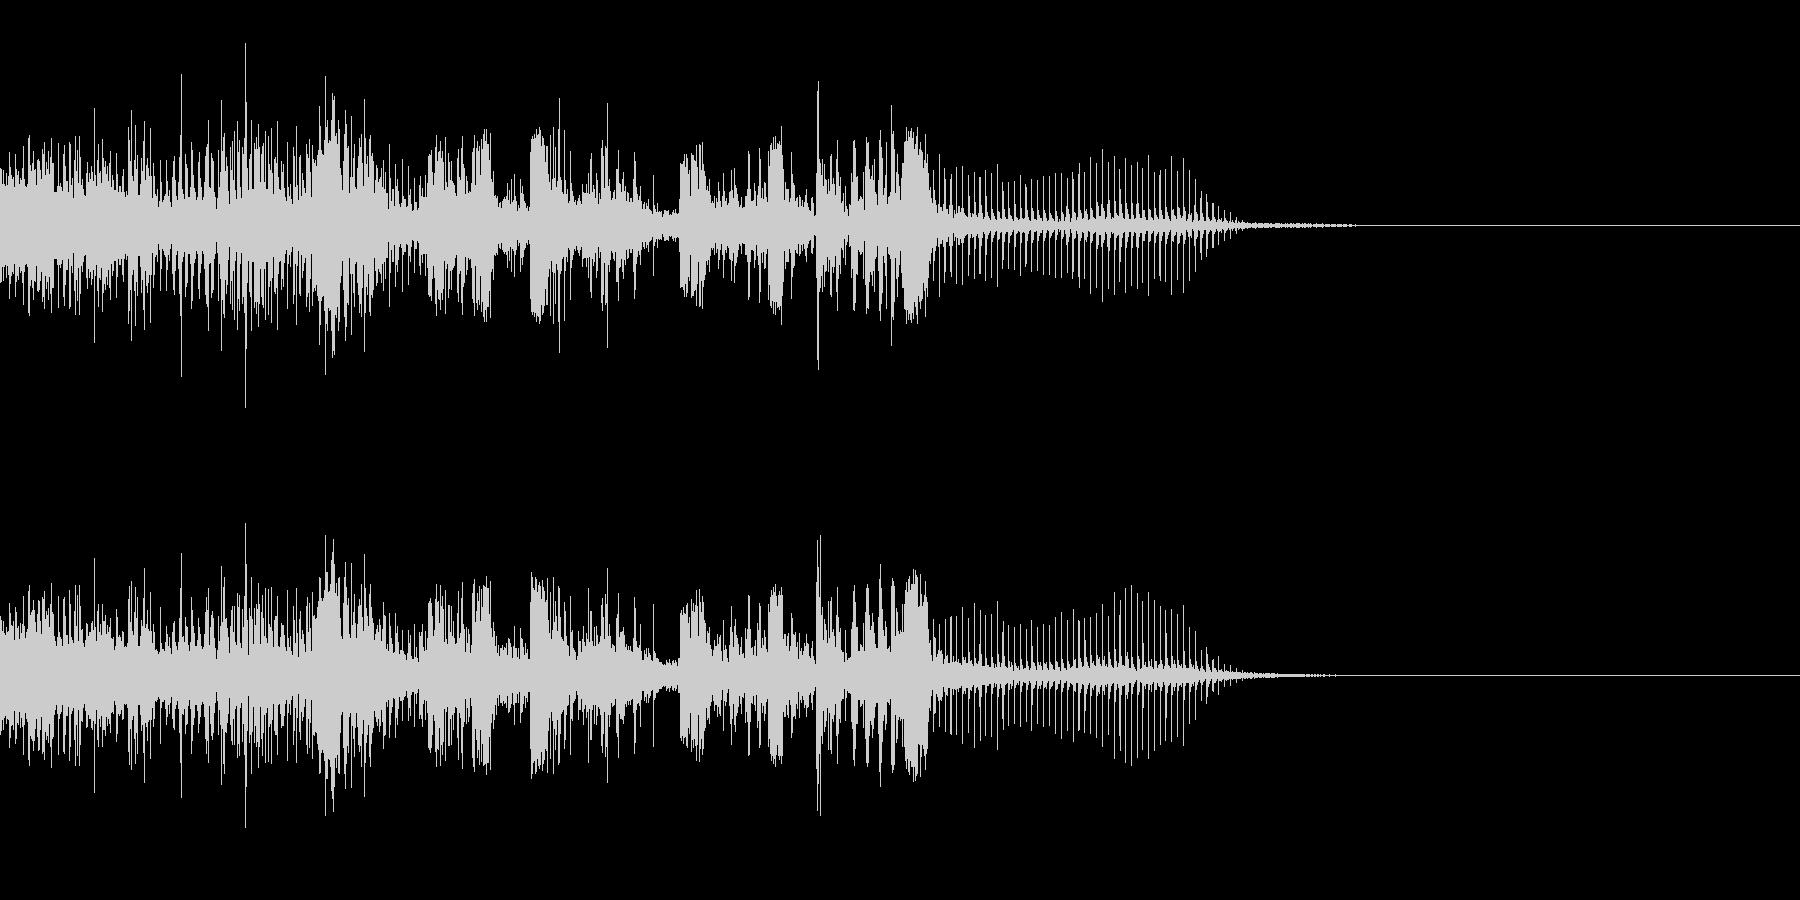 スパーク音-26の未再生の波形